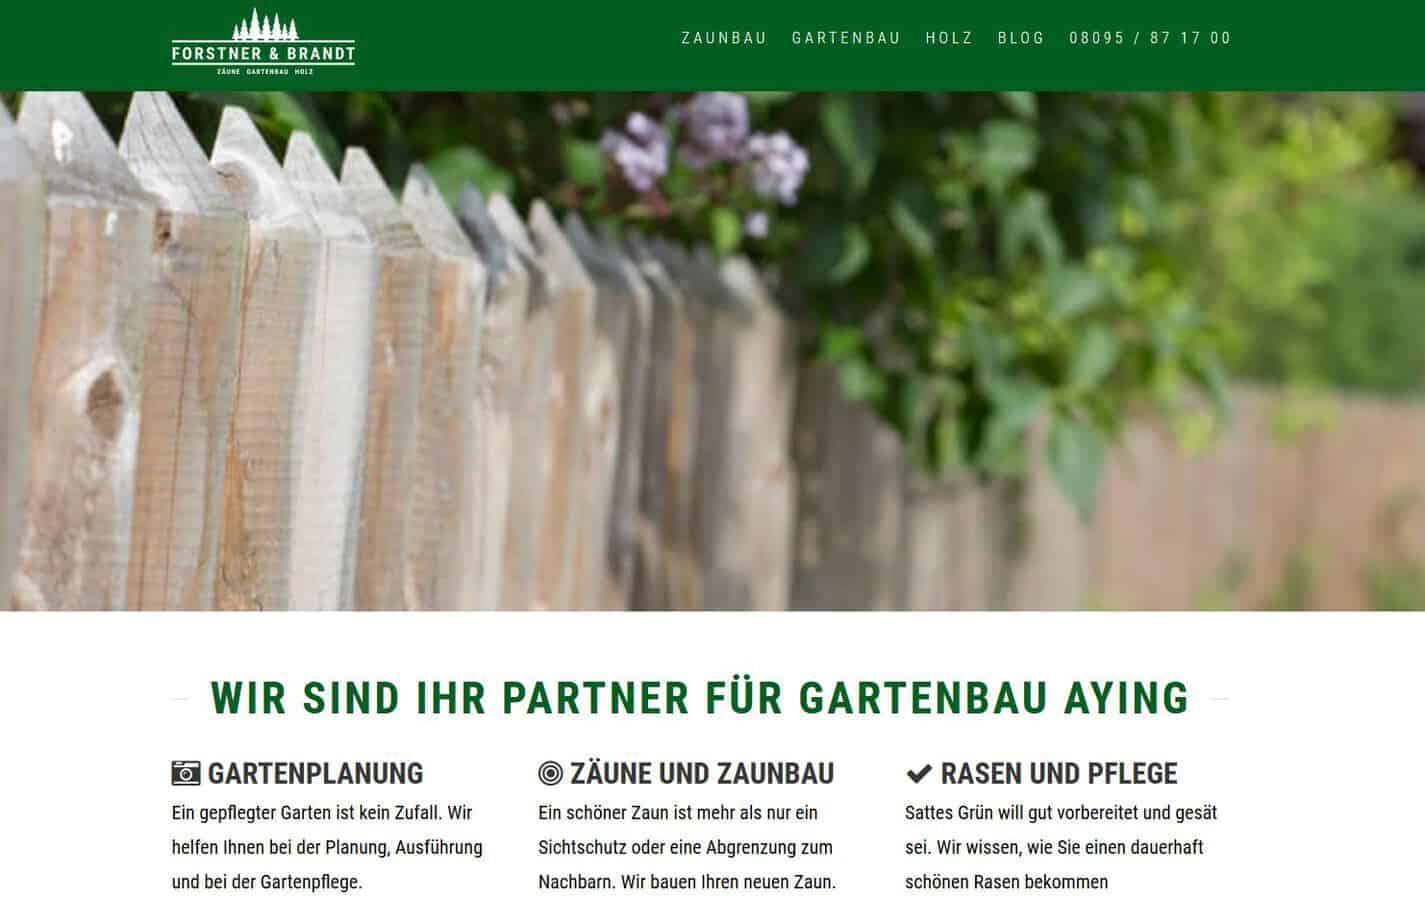 neue Webseite www.forstner-brandt.de webdesign munich